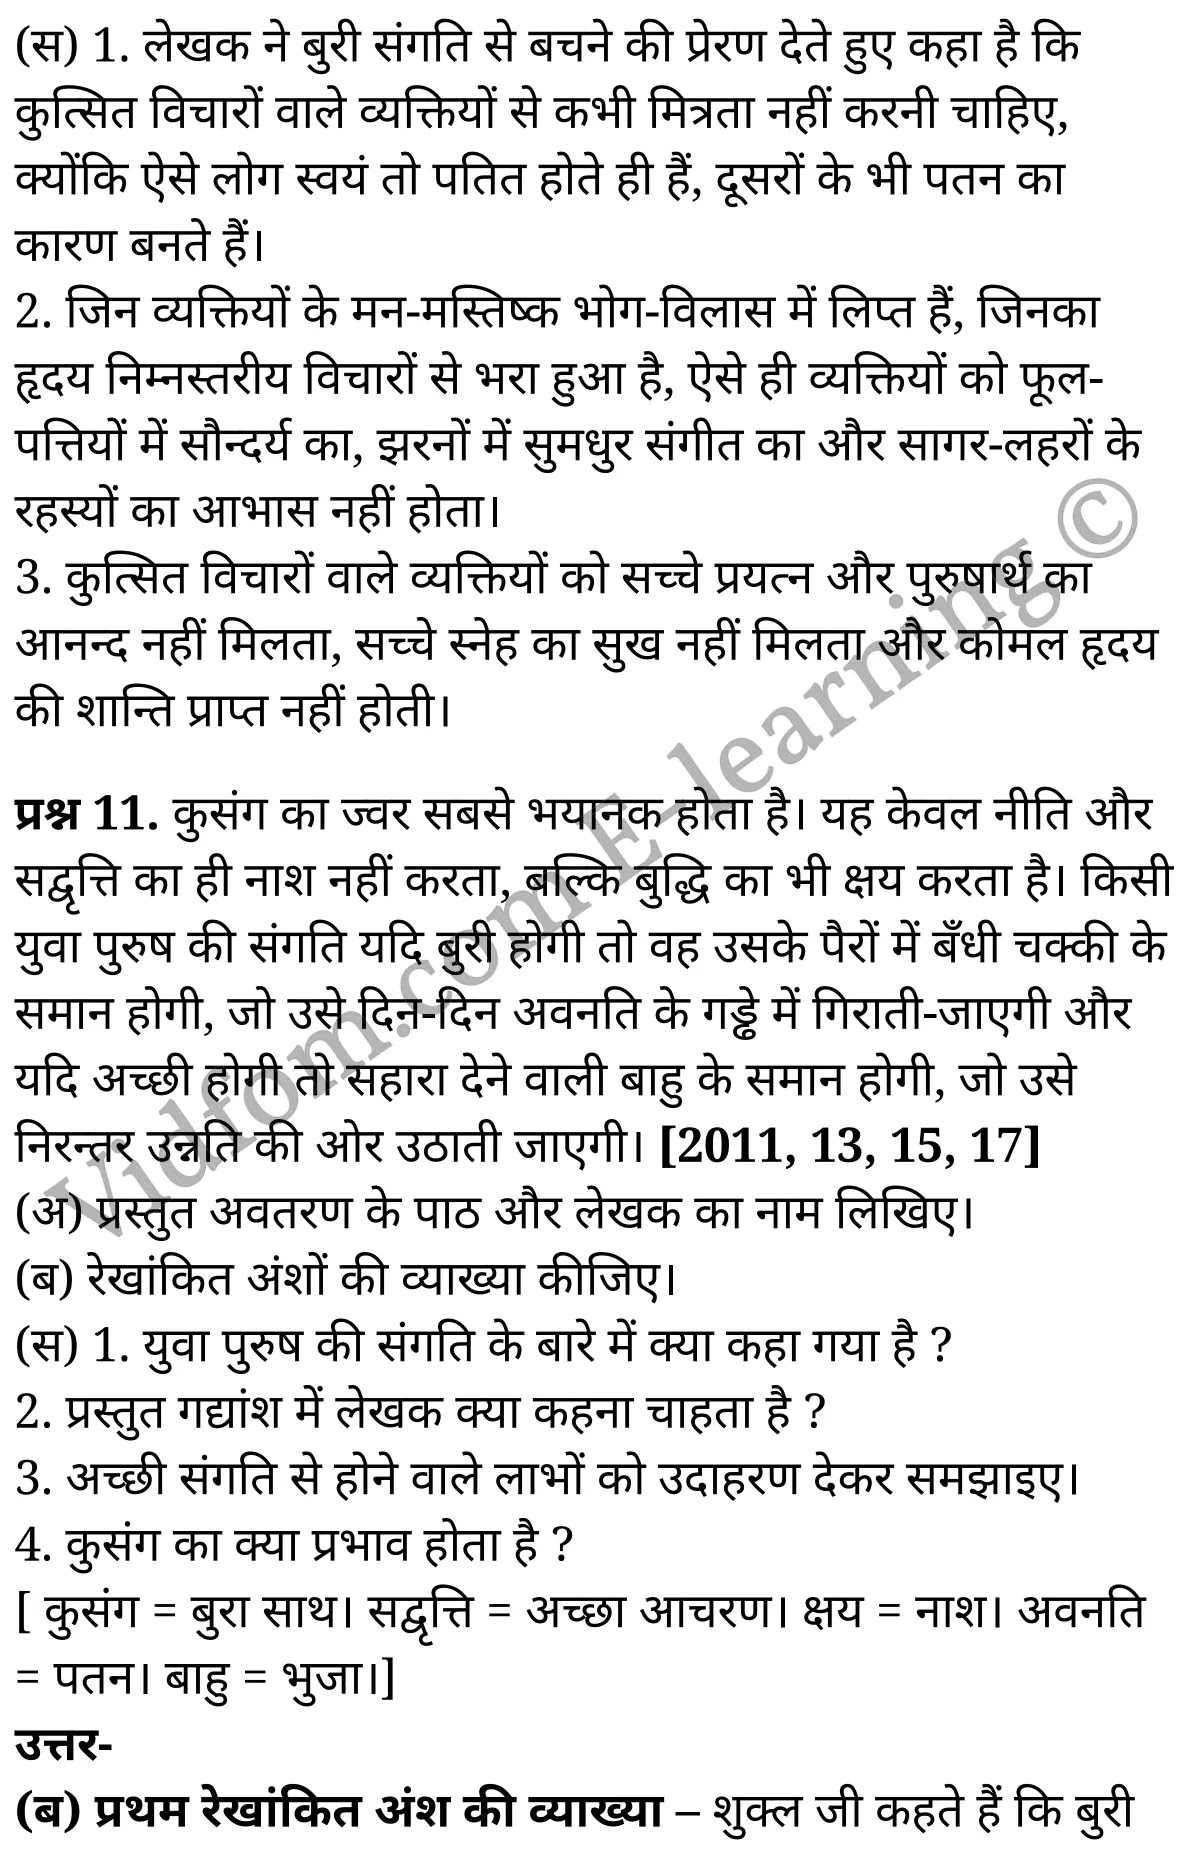 कक्षा 10 हिंदी  के नोट्स  हिंदी में एनसीईआरटी समाधान,     class 10 Hindi Gadya Chapter 6,   class 10 Hindi Gadya Chapter 6 ncert solutions in Hindi,   class 10 Hindi Gadya Chapter 6 notes in hindi,   class 10 Hindi Gadya Chapter 6 question answer,   class 10 Hindi Gadya Chapter 6 notes,   class 10 Hindi Gadya Chapter 6 class 10 Hindi Gadya Chapter 6 in  hindi,    class 10 Hindi Gadya Chapter 6 important questions in  hindi,   class 10 Hindi Gadya Chapter 6 notes in hindi,    class 10 Hindi Gadya Chapter 6 test,   class 10 Hindi Gadya Chapter 6 pdf,   class 10 Hindi Gadya Chapter 6 notes pdf,   class 10 Hindi Gadya Chapter 6 exercise solutions,   class 10 Hindi Gadya Chapter 6 notes study rankers,   class 10 Hindi Gadya Chapter 6 notes,    class 10 Hindi Gadya Chapter 6  class 10  notes pdf,   class 10 Hindi Gadya Chapter 6 class 10  notes  ncert,   class 10 Hindi Gadya Chapter 6 class 10 pdf,   class 10 Hindi Gadya Chapter 6  book,   class 10 Hindi Gadya Chapter 6 quiz class 10  ,   कक्षा 10 मित्रता,  कक्षा 10 मित्रता  के नोट्स हिंदी में,  कक्षा 10 मित्रता प्रश्न उत्तर,  कक्षा 10 मित्रता के नोट्स,  10 कक्षा मित्रता  हिंदी में, कक्षा 10 मित्रता  हिंदी में,  कक्षा 10 मित्रता  महत्वपूर्ण प्रश्न हिंदी में, कक्षा 10 हिंदी के नोट्स  हिंदी में, मित्रता हिंदी में कक्षा 10 नोट्स pdf,    मित्रता हिंदी में  कक्षा 10 नोट्स 2021 ncert,   मित्रता हिंदी  कक्षा 10 pdf,   मित्रता हिंदी में  पुस्तक,   मित्रता हिंदी में की बुक,   मित्रता हिंदी में  प्रश्नोत्तरी class 10 ,  10   वीं मित्रता  पुस्तक up board,   बिहार बोर्ड 10  पुस्तक वीं मित्रता नोट्स,    मित्रता  कक्षा 10 नोट्स 2021 ncert,   मित्रता  कक्षा 10 pdf,   मित्रता  पुस्तक,   मित्रता की बुक,   मित्रता प्रश्नोत्तरी class 10,   10  th class 10 Hindi Gadya Chapter 6  book up board,   up board 10  th class 10 Hindi Gadya Chapter 6 notes,  class 10 Hindi,   class 10 Hindi ncert solutions in Hindi,   class 10 Hindi notes in hindi,   class 10 Hindi question answer,   class 10 Hindi notes,  class 10 Hindi class 10 Hindi Gadya Chapter 